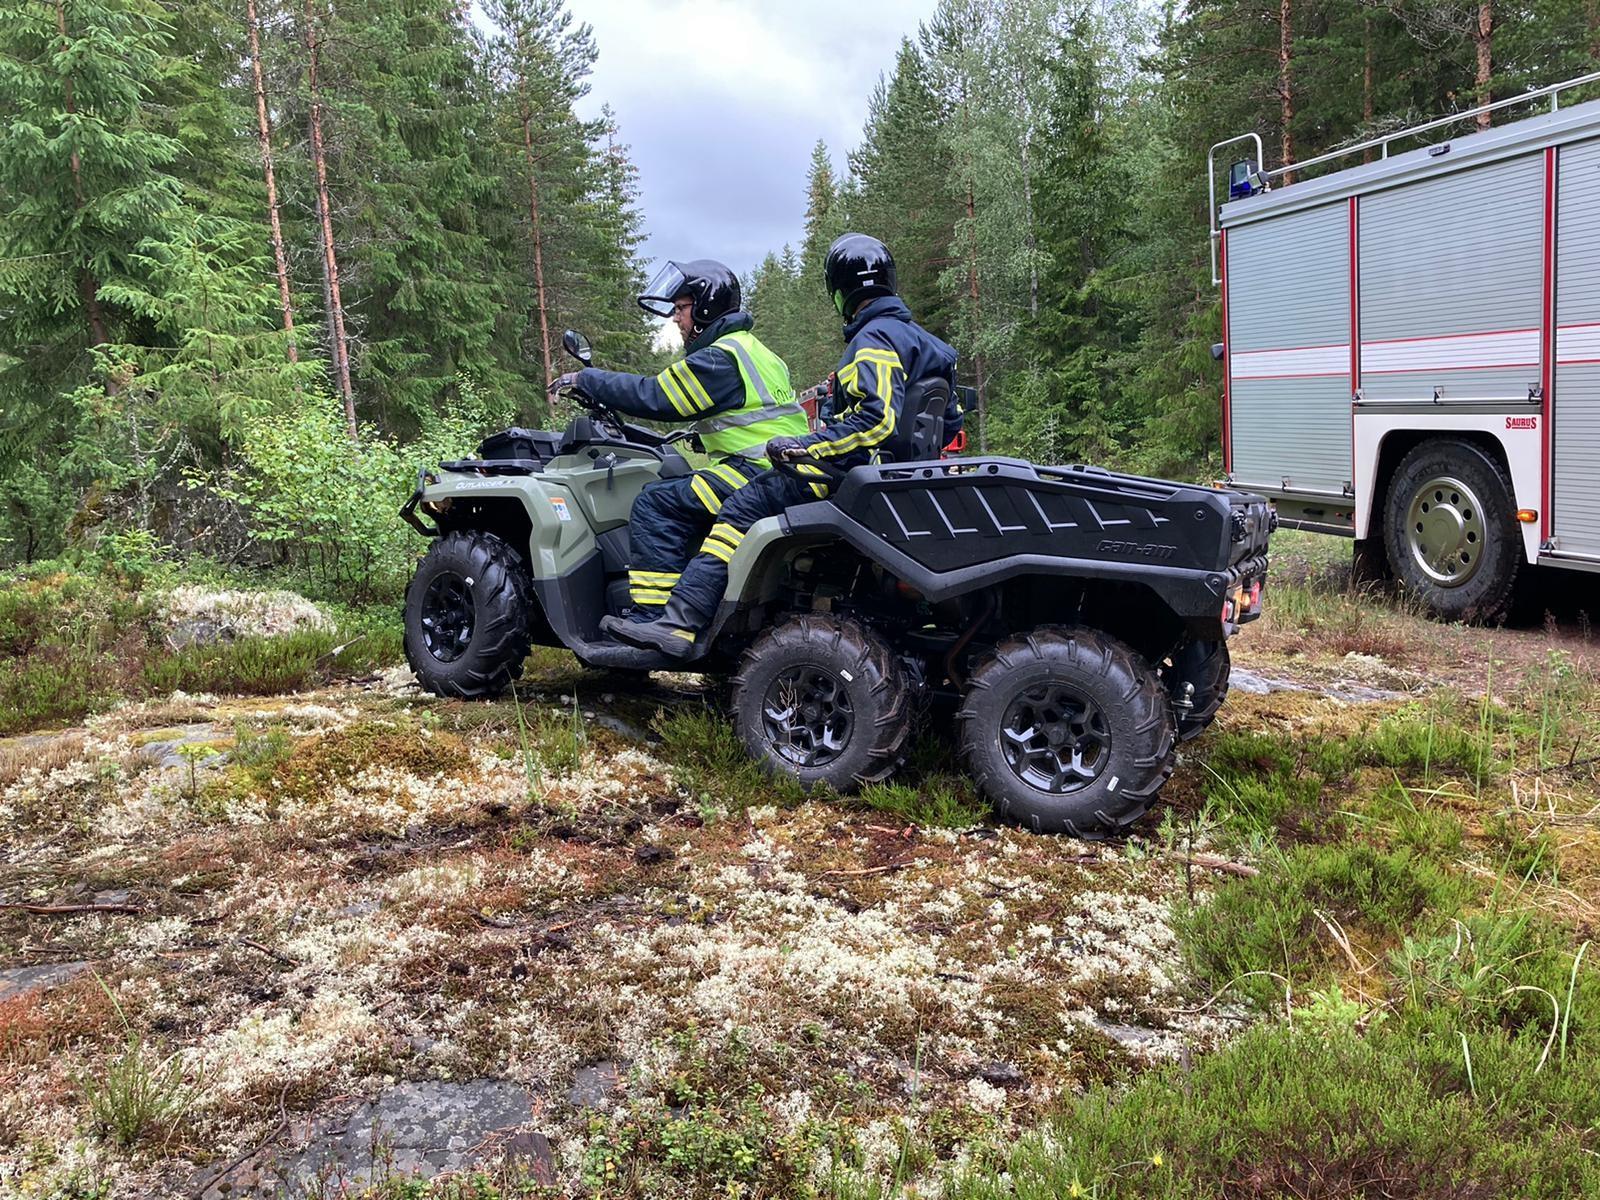 Uusi mönkijä ja maastoperävaunu mukana VPK:n harjoituksissa maastossa. Kaksi henkilöä kyydissä.